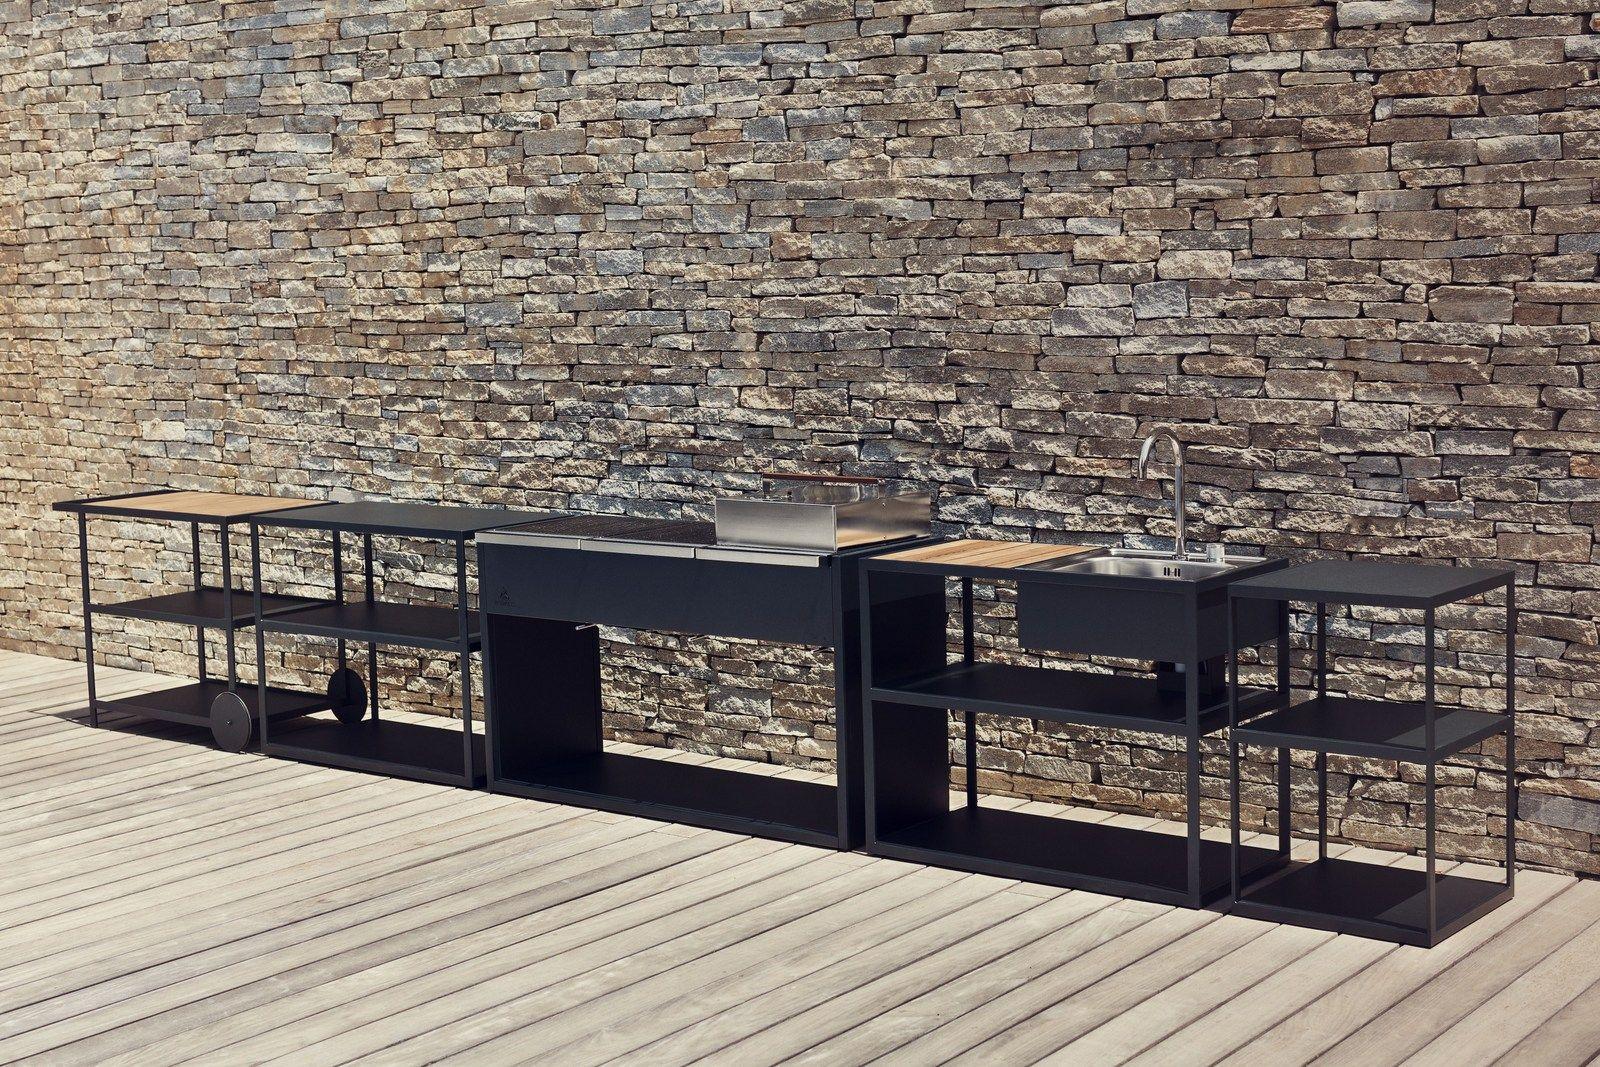 Outdoorküche Edelstahl Unterschied : Garden outdoorküche preisliste edelstahl und katalog